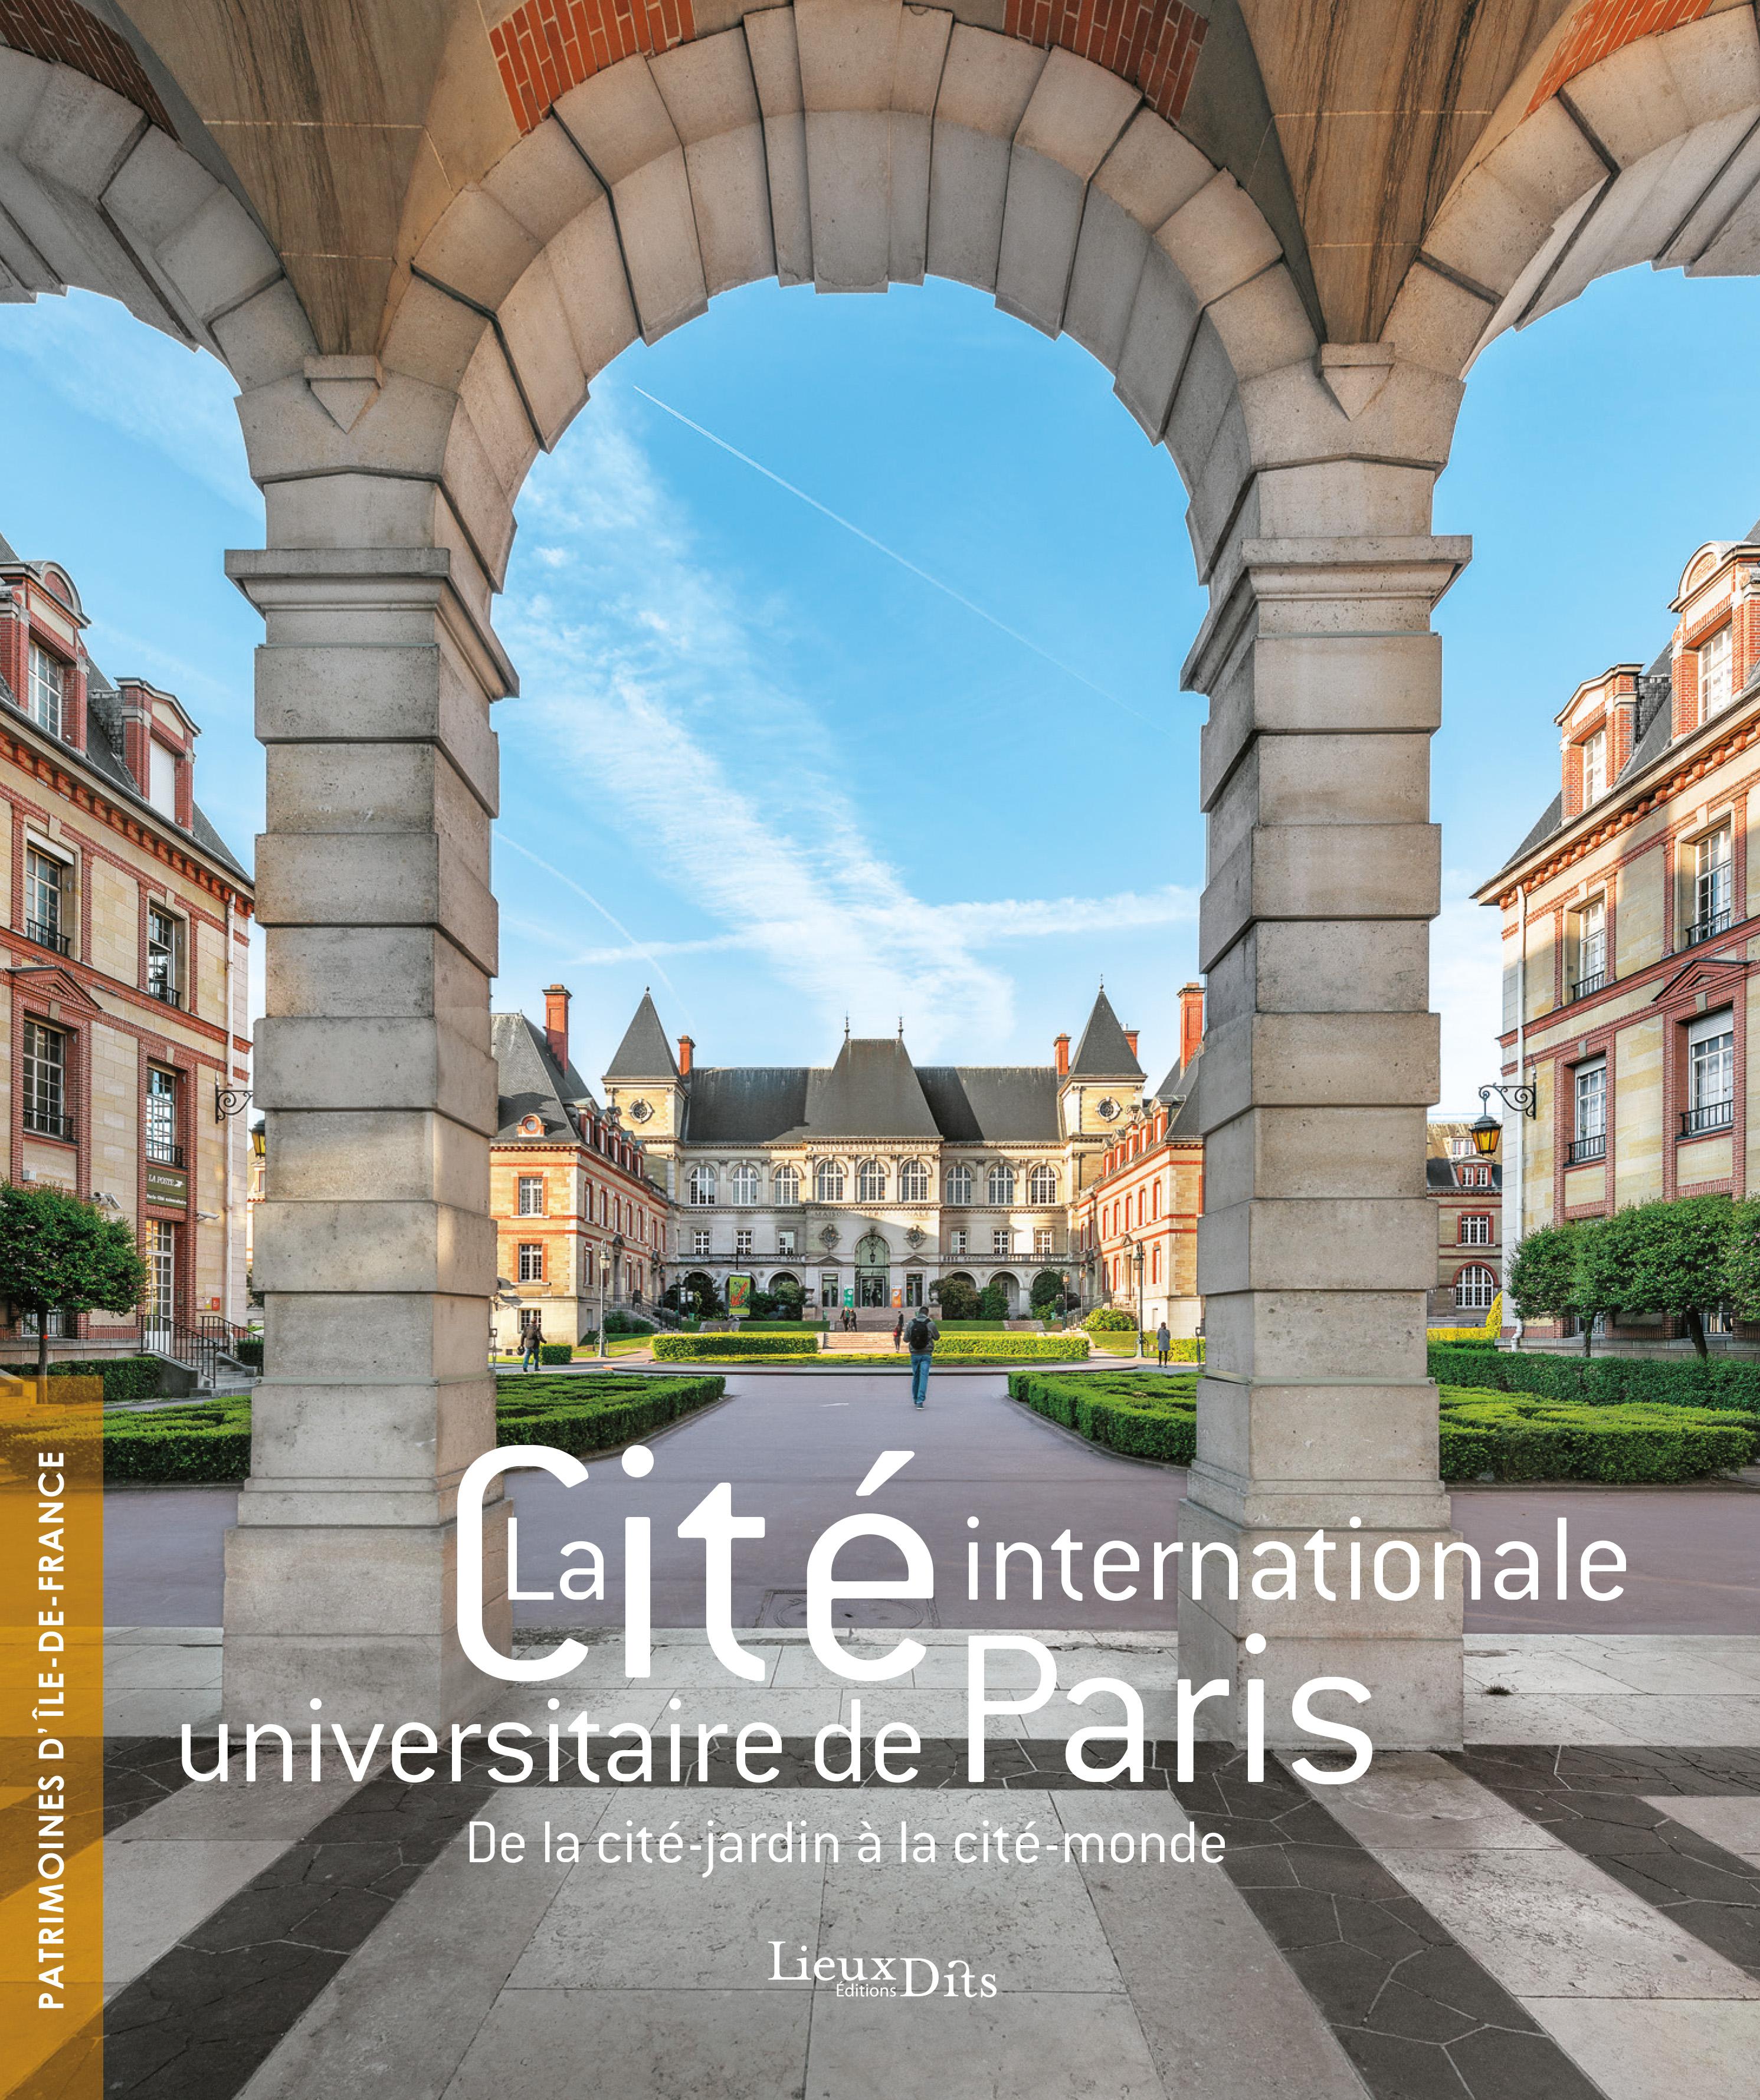 la cit u00e9 internationale universitaire de paris